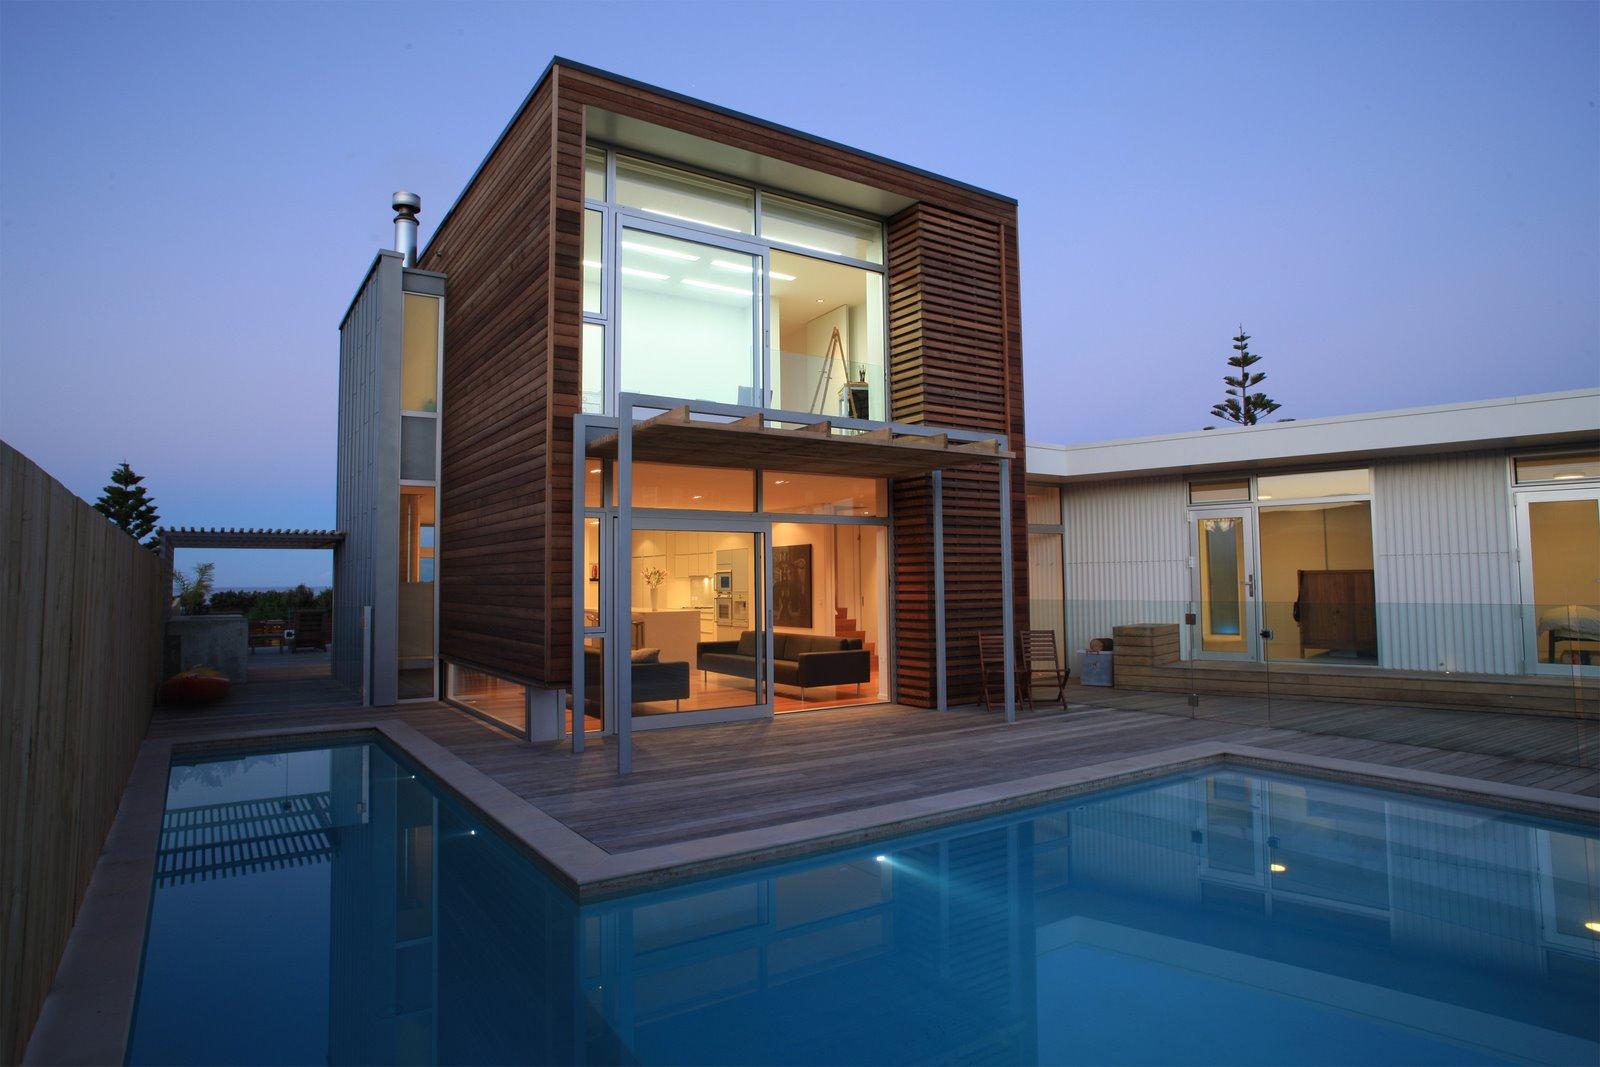 Progetto casa naturale case in legno prefabbricate for Architettura case